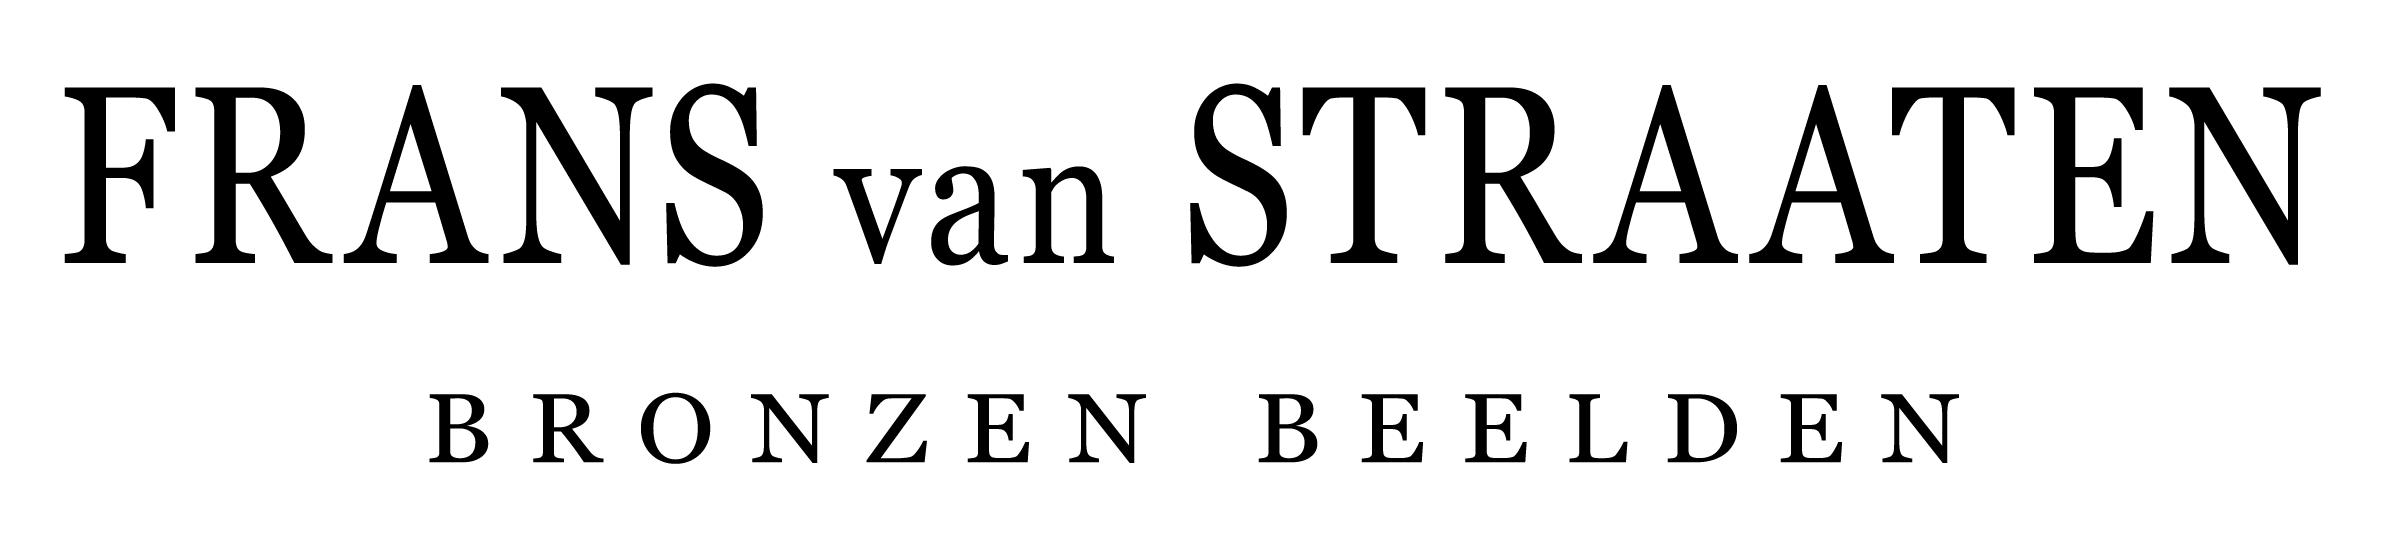 Frans van Straaten | Bronzen Beelden